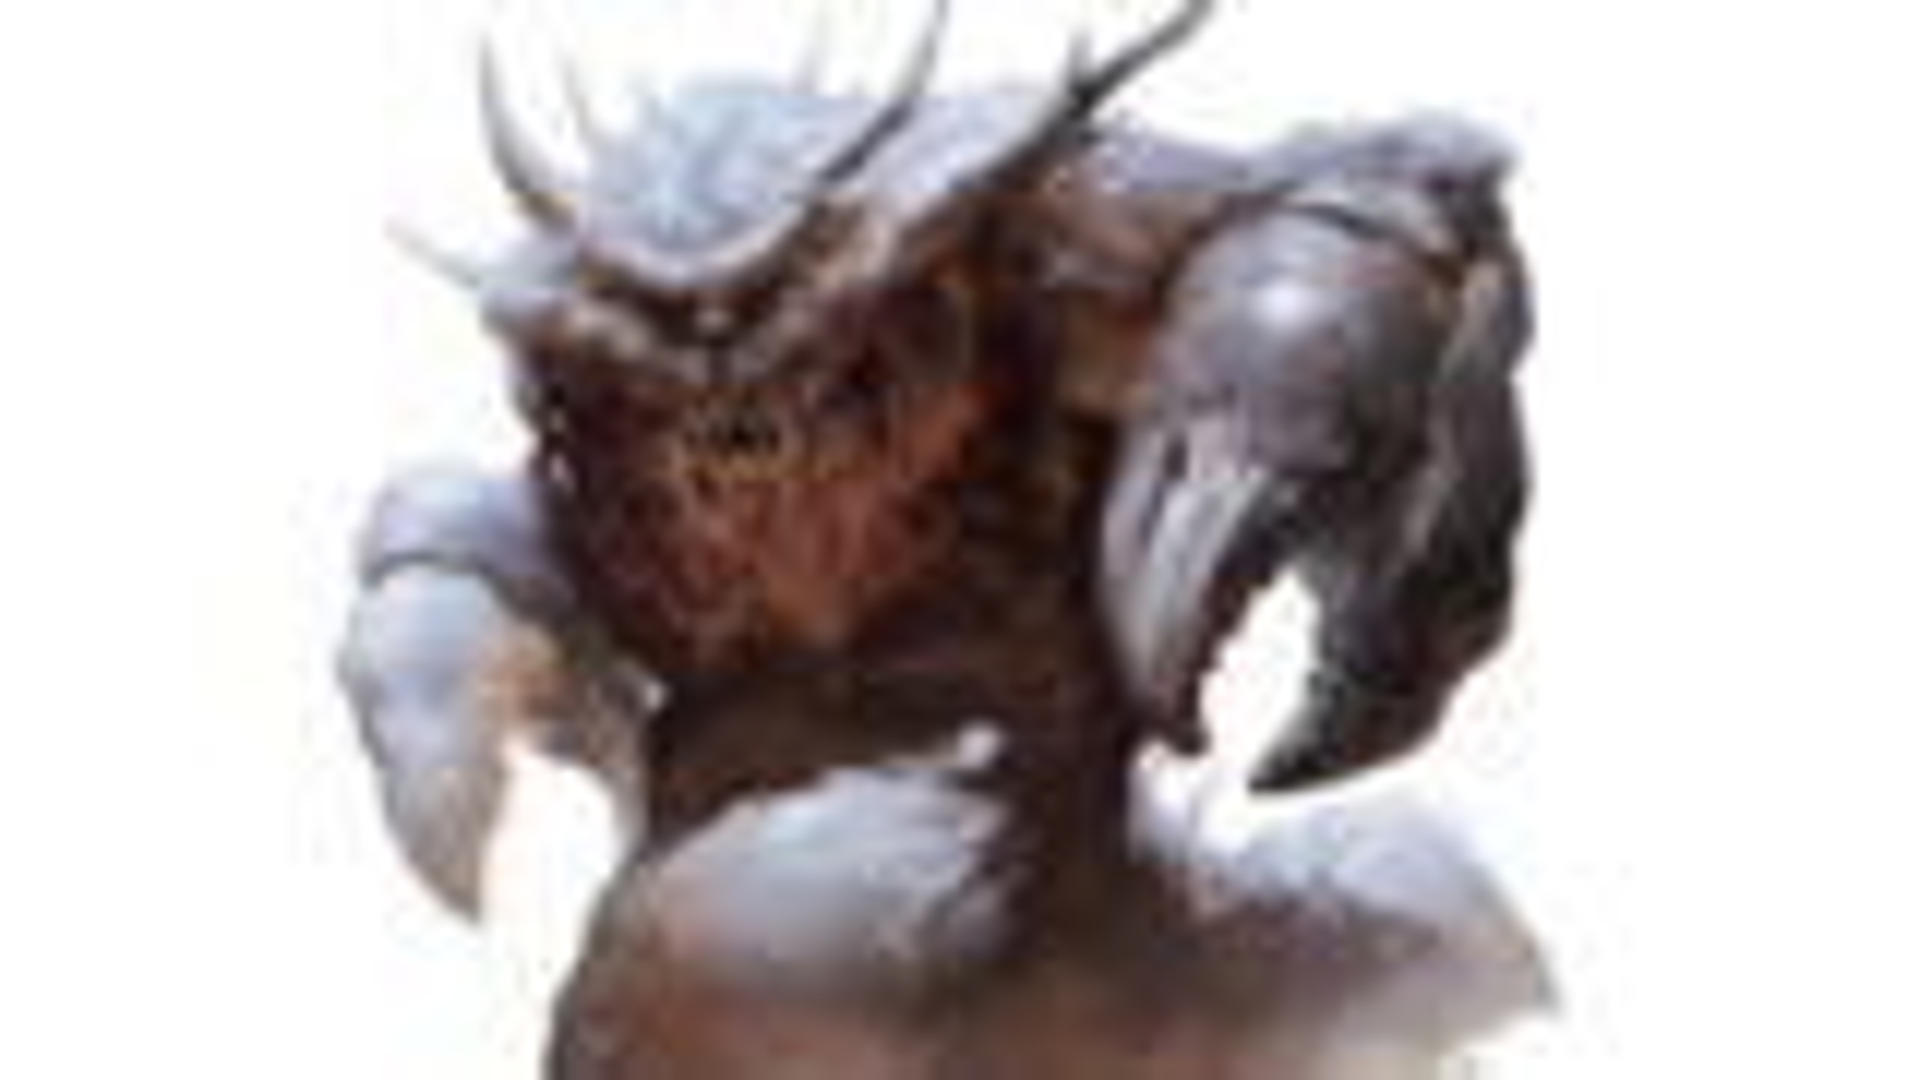 DND龙与地下城 多元宇宙怪物志 星界的生态圈 星界种族图鉴 星界巨龙 星界巨舰兽 星界鲸鱼 奇幻世